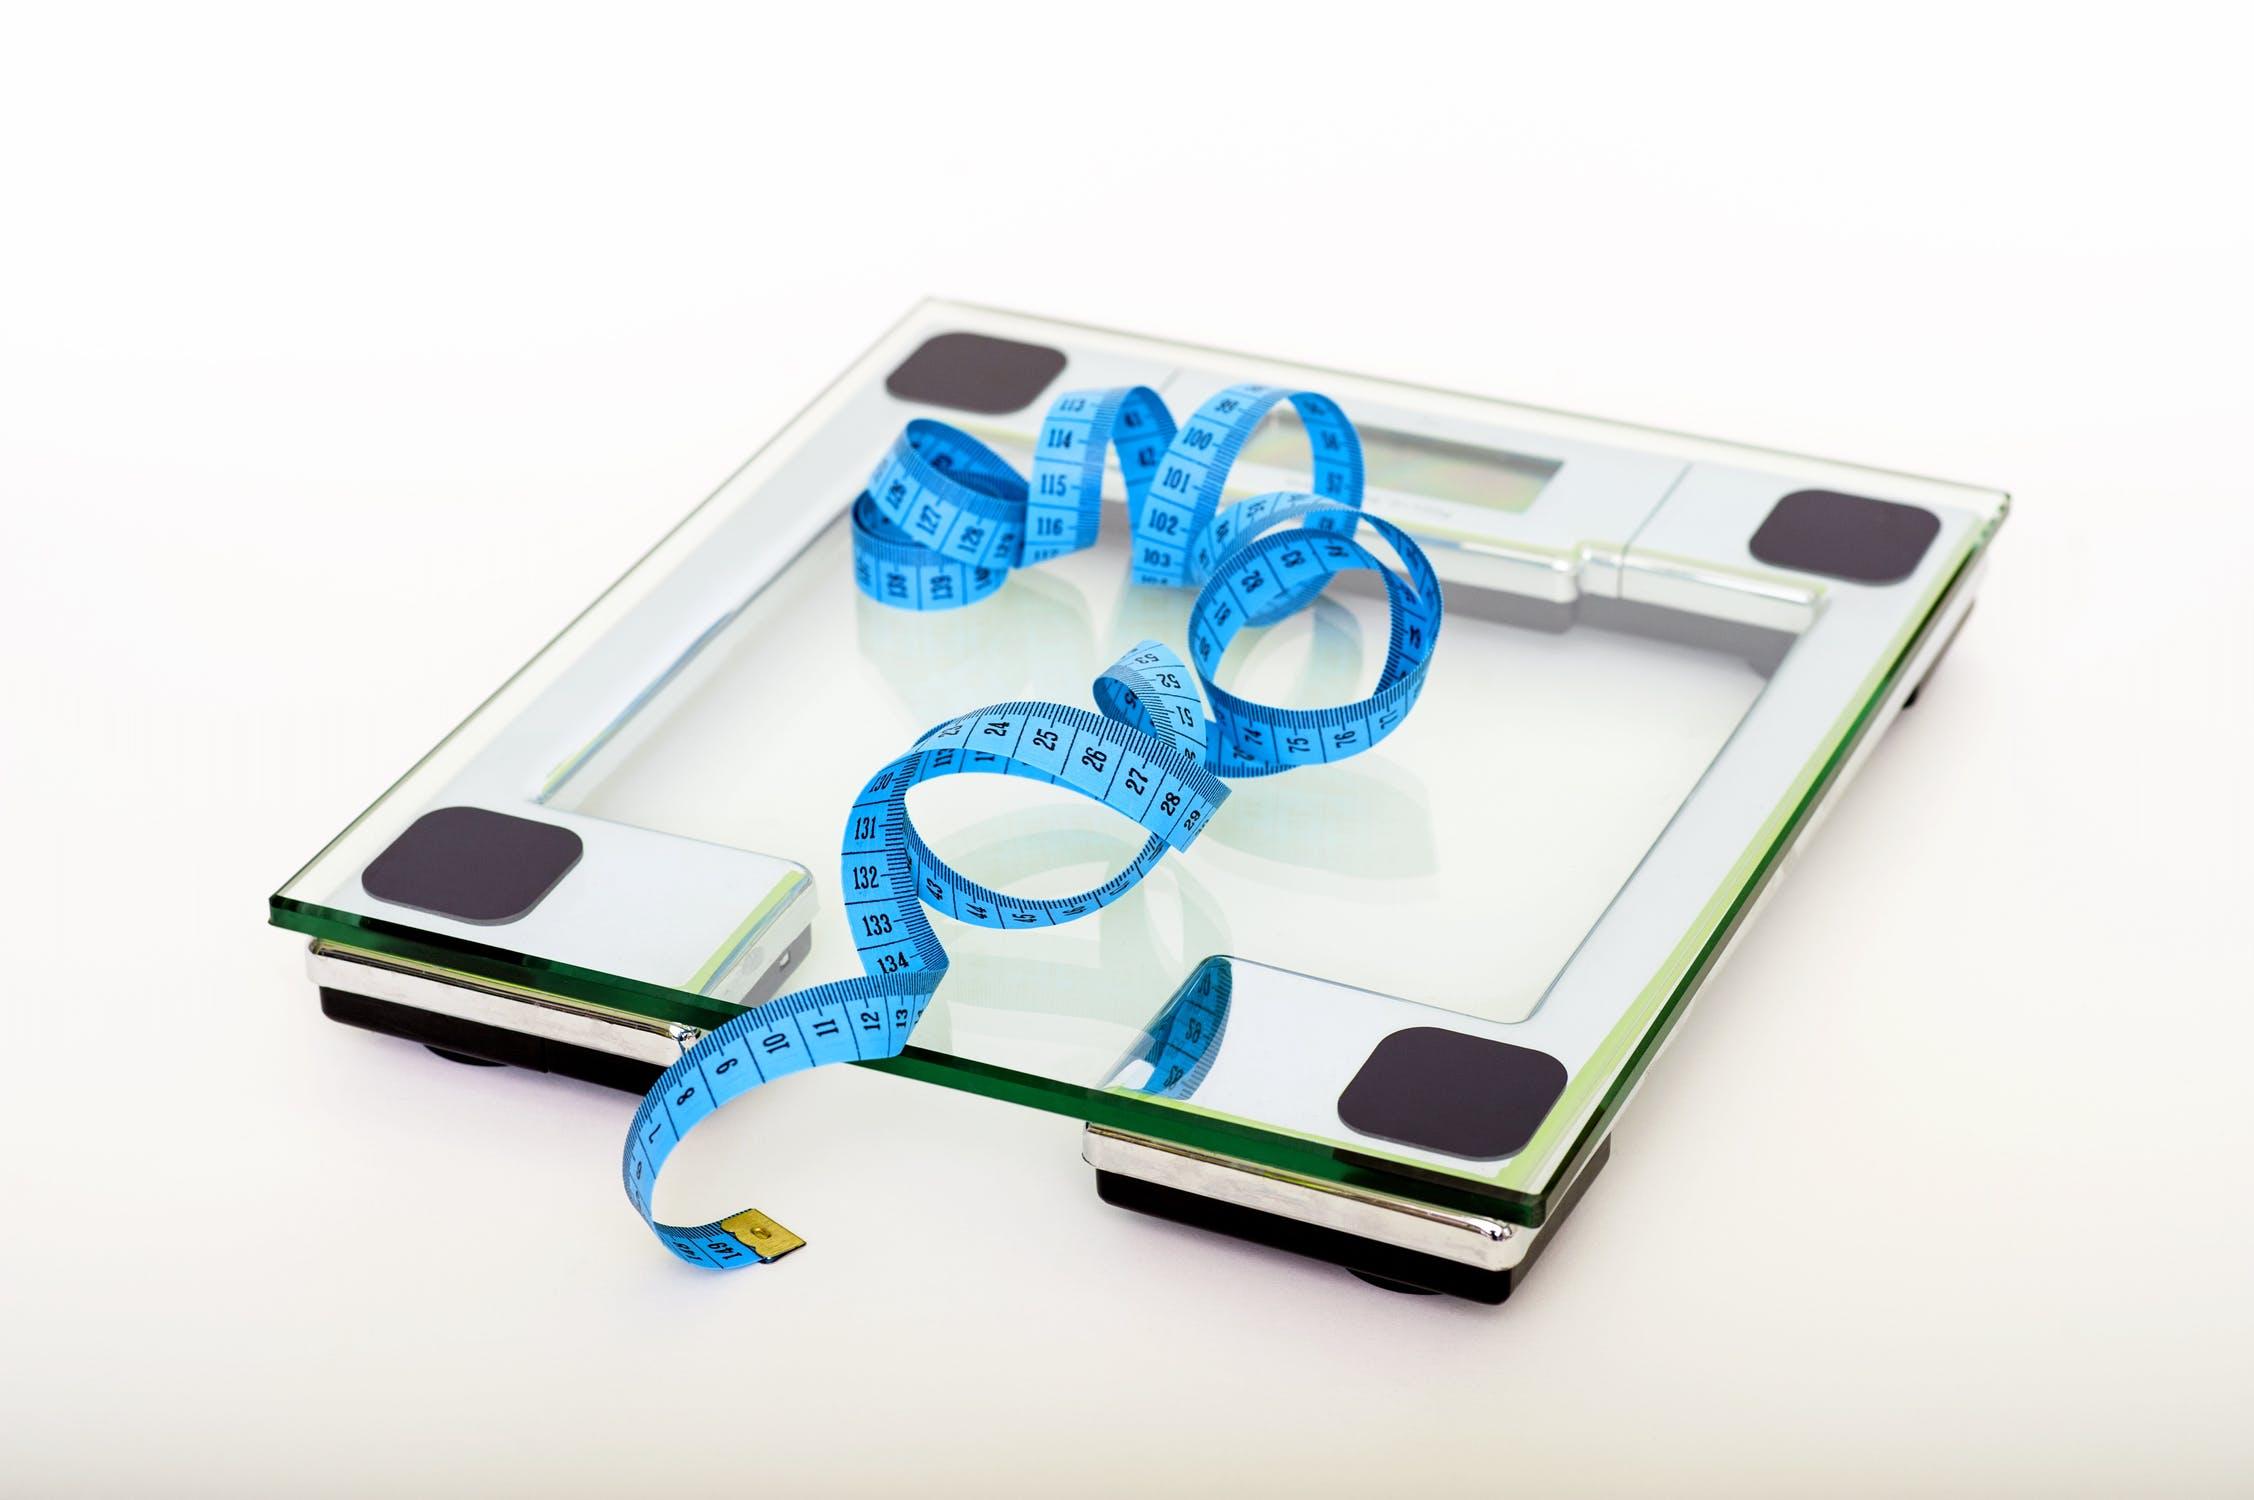 Vervelende overgangsverschijnselen: extra kilo's en hartkloppingen